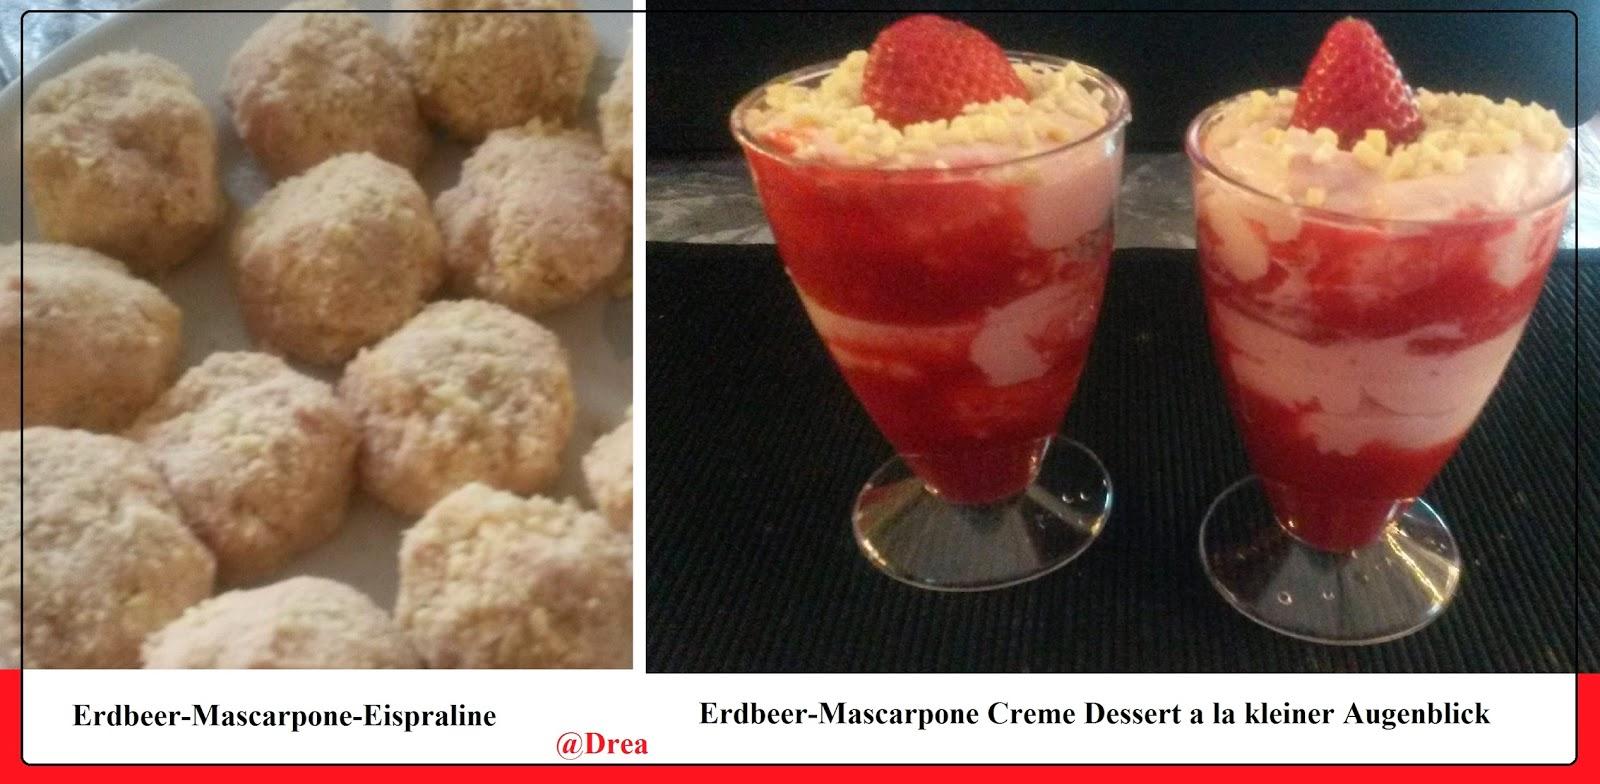 erdbeer mascarpone creme dessert a la kleiner auge rezepte suchen